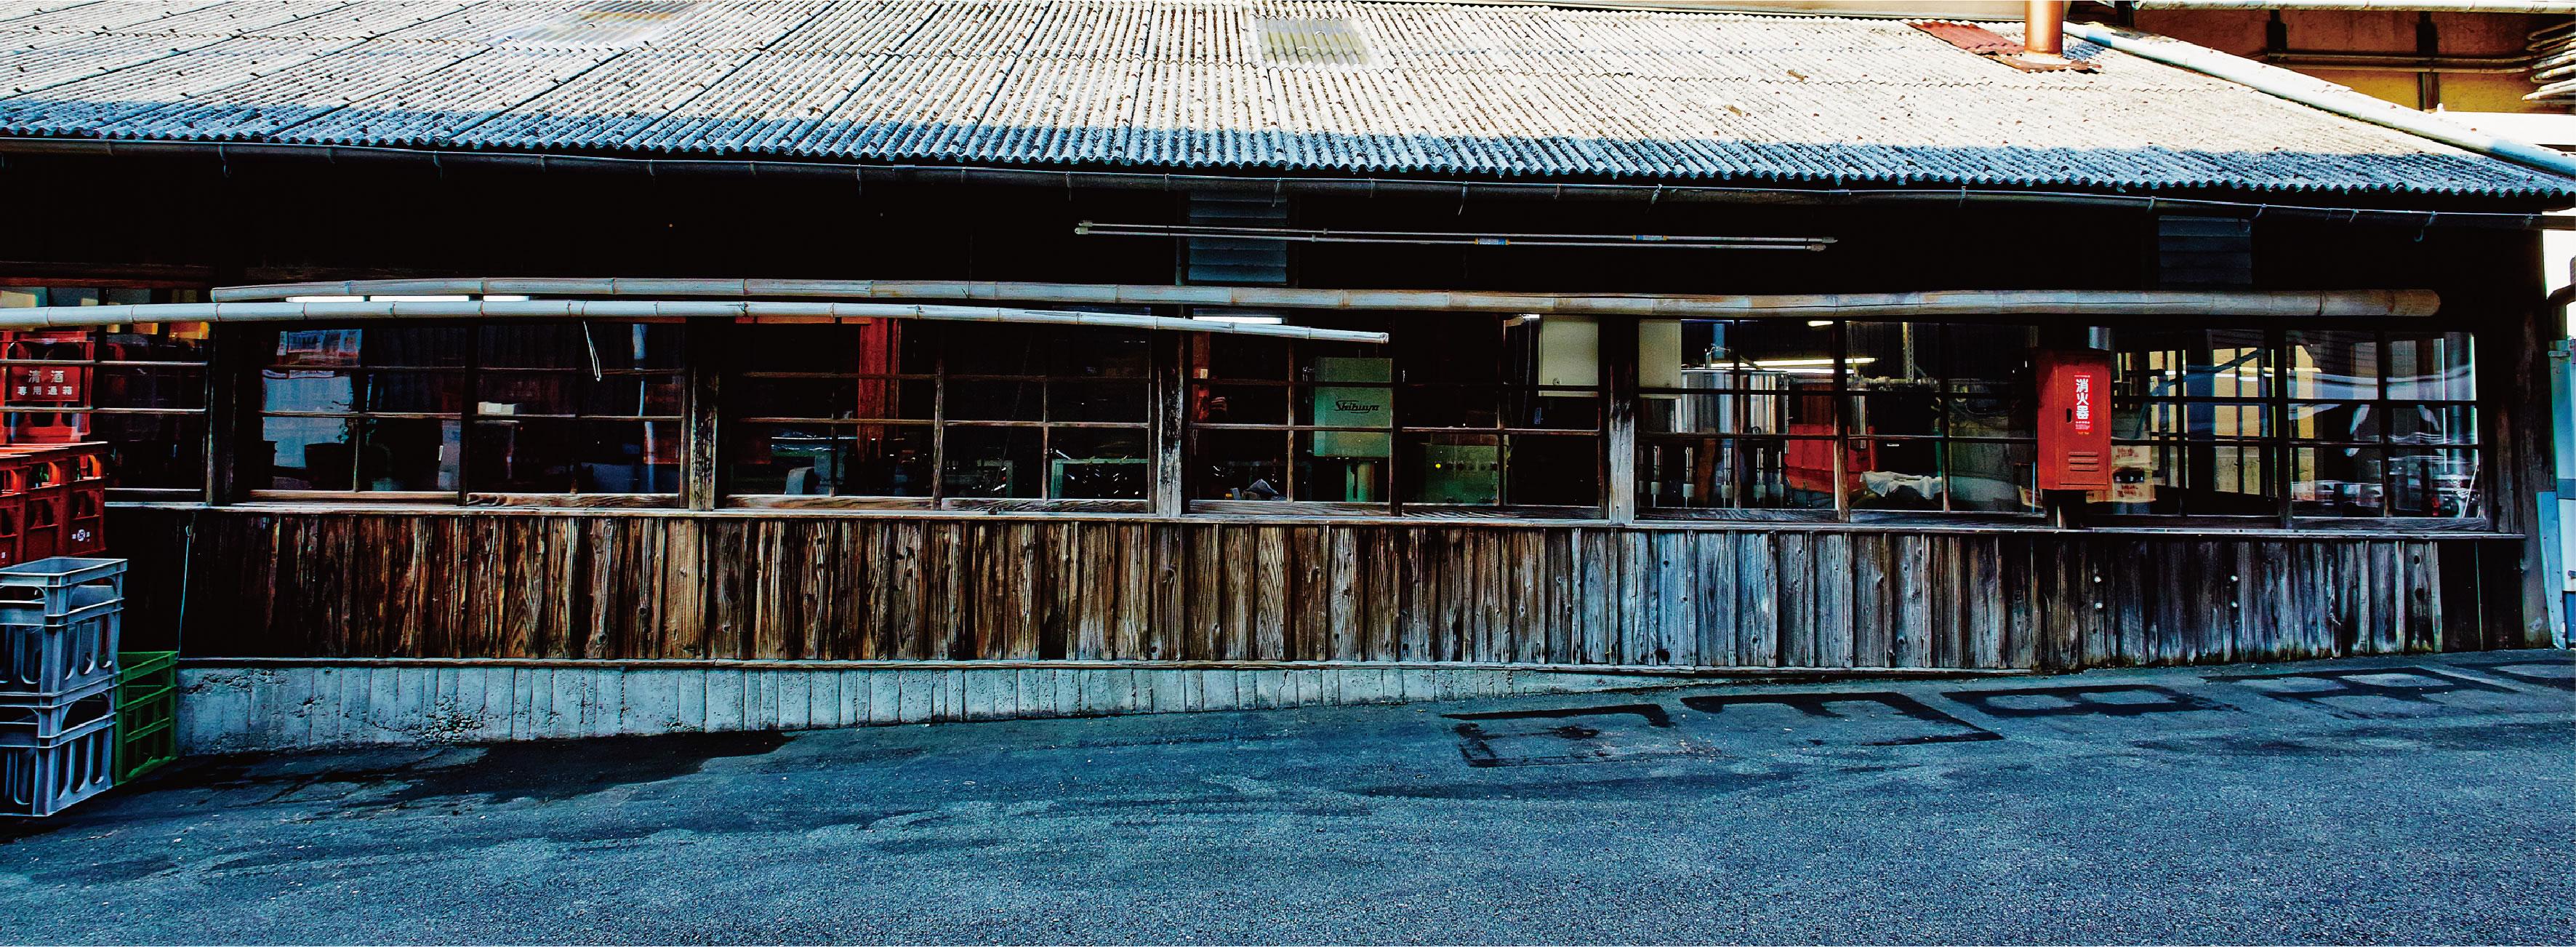 日本酒発祥の地、兵庫老松の酒